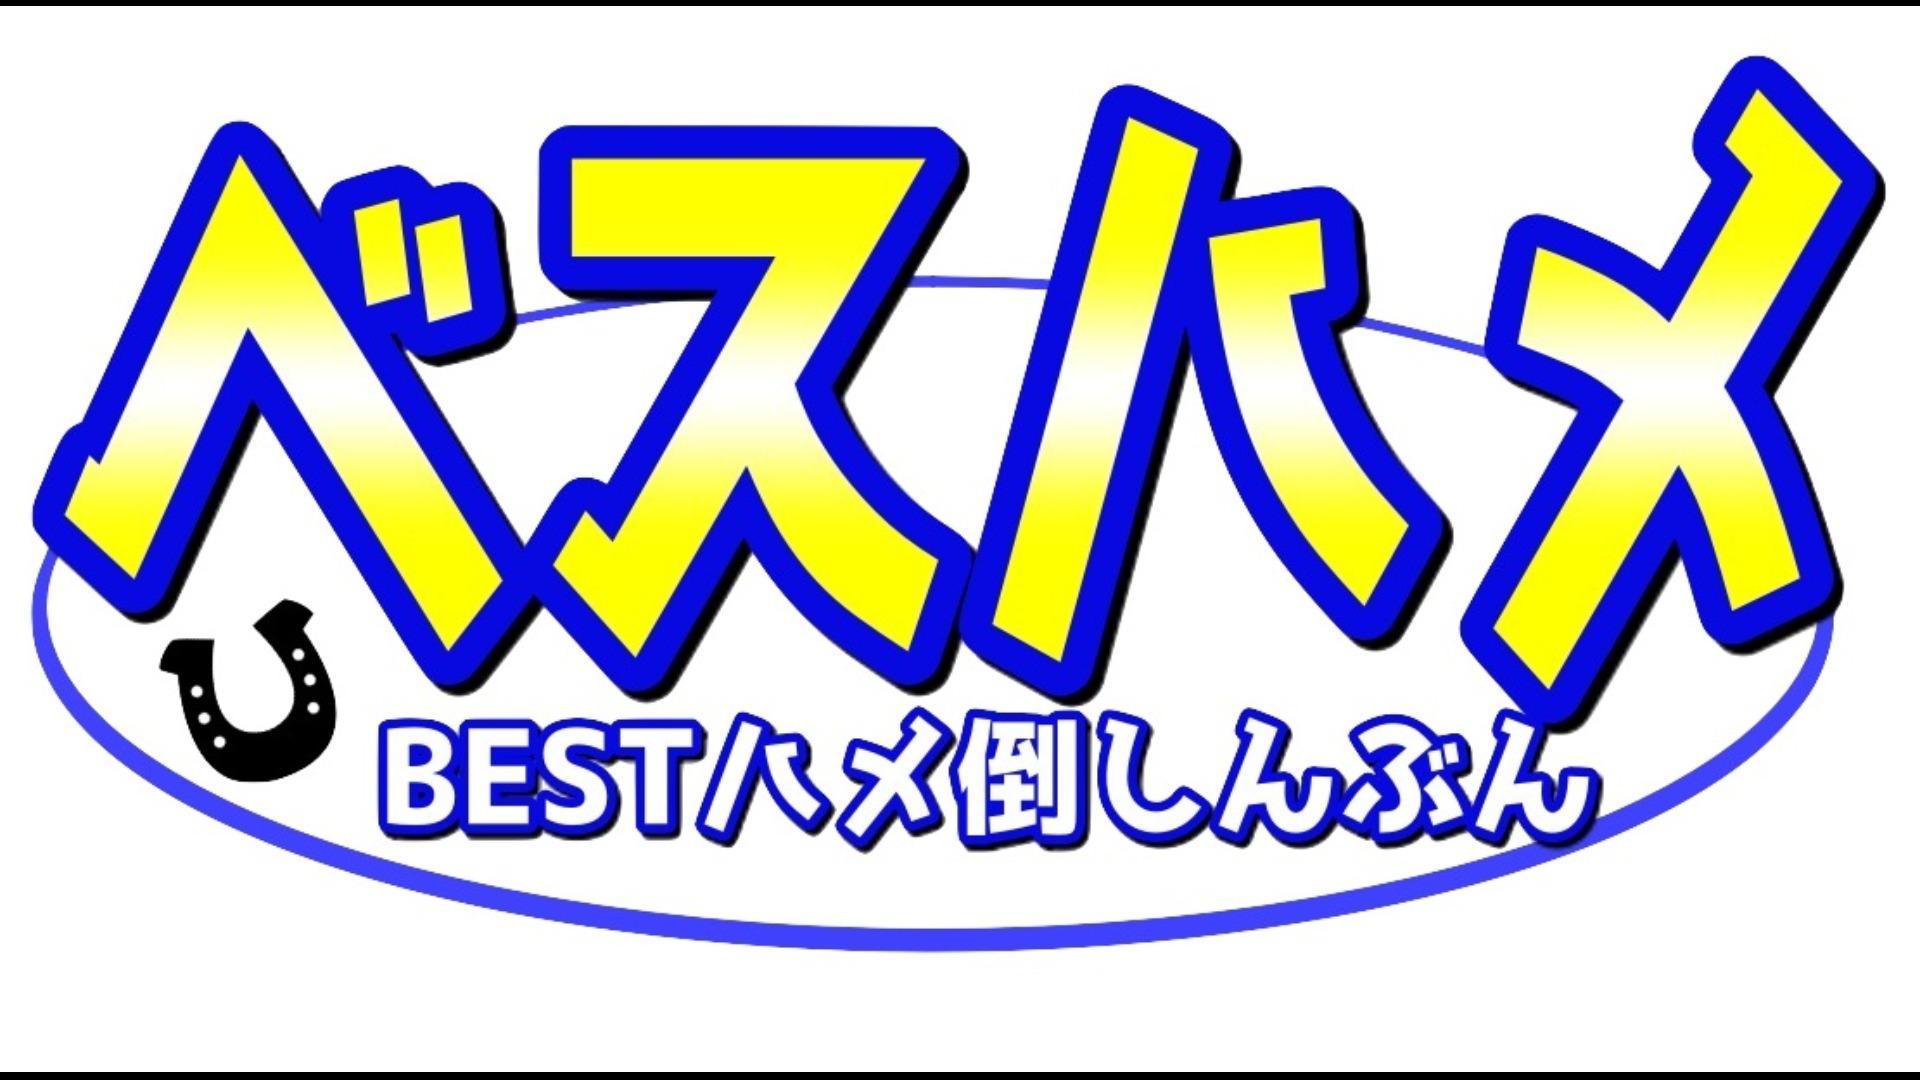 【12/5号】ベスハメ完全版~BEST BUYとハメ倒し競馬~